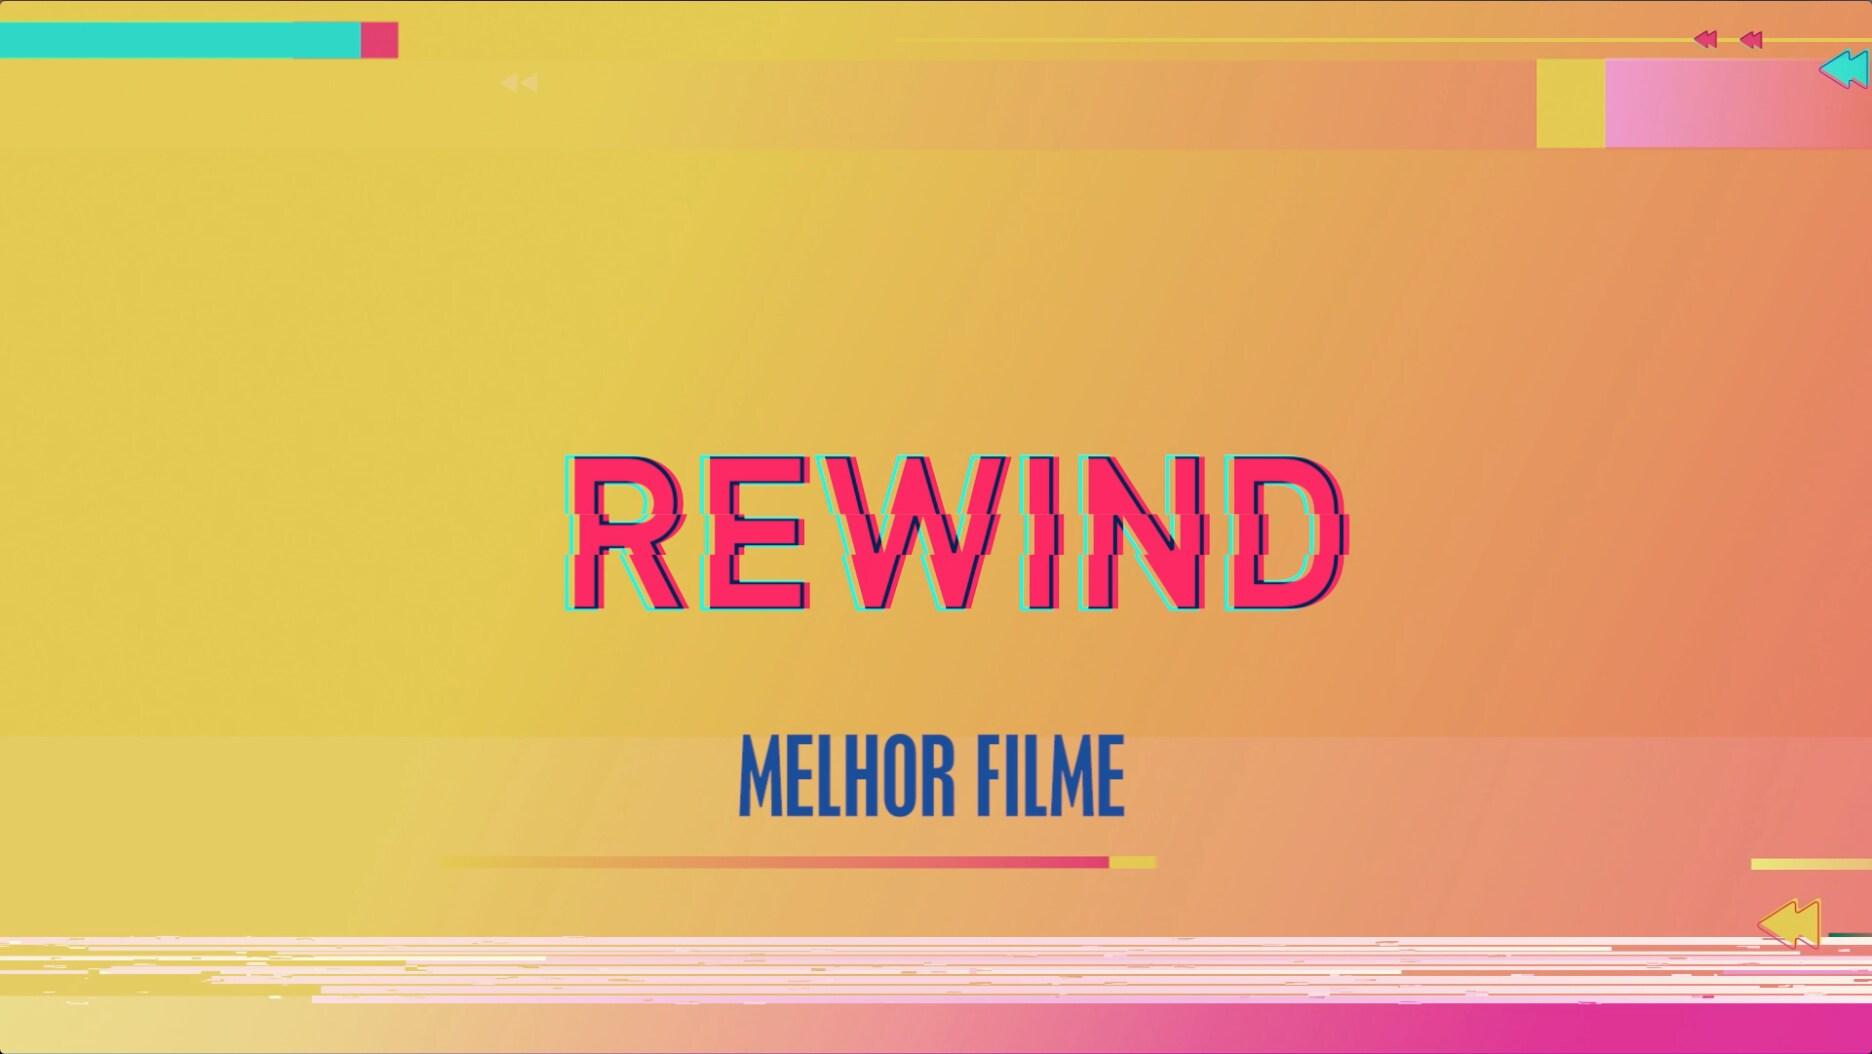 #MelhorFilme - Os melhores do ano - Rewind